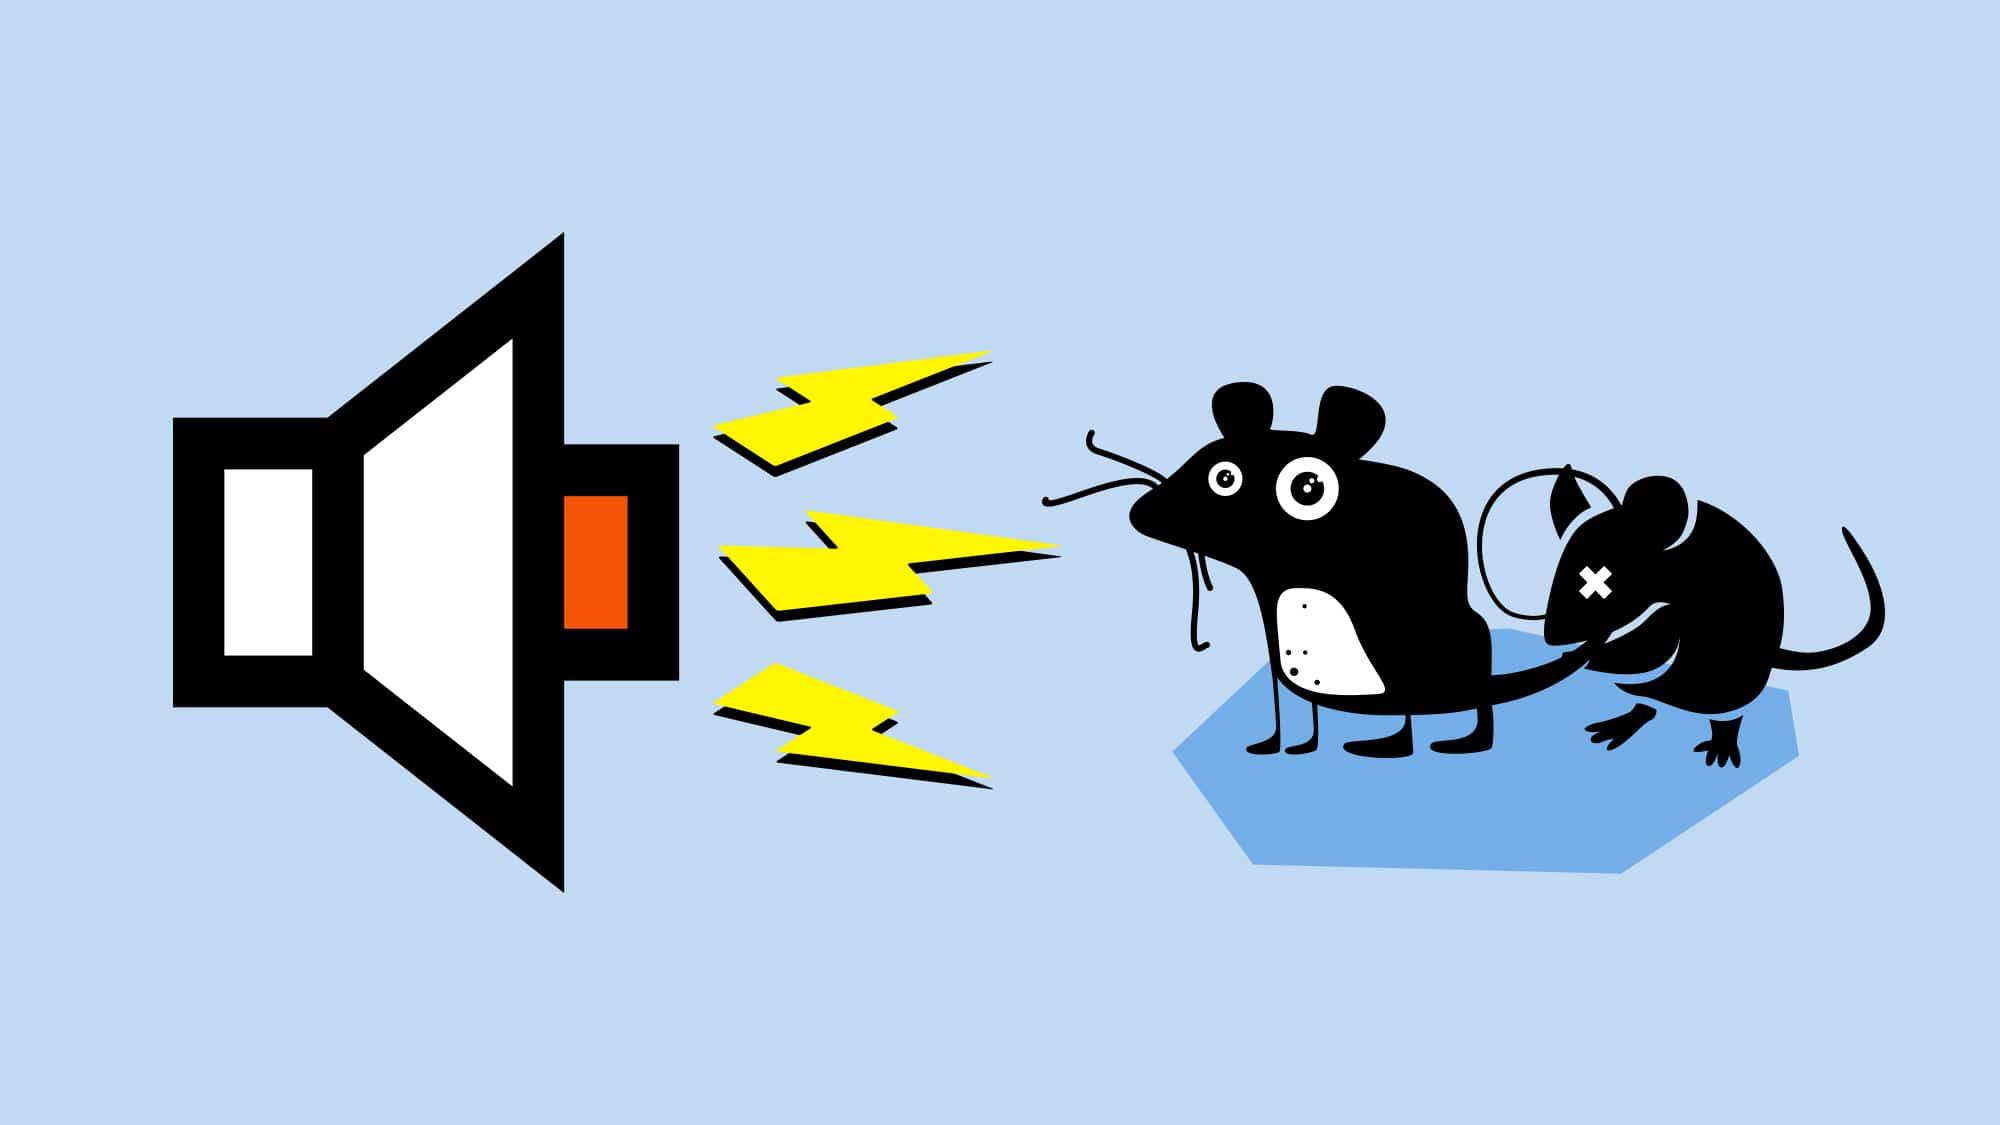 Der Marktkauf kämpft mit Schall gegen Mäuse. Junge Menschen oder ältere mit besonders sensiblen Ohren können die hochfreq